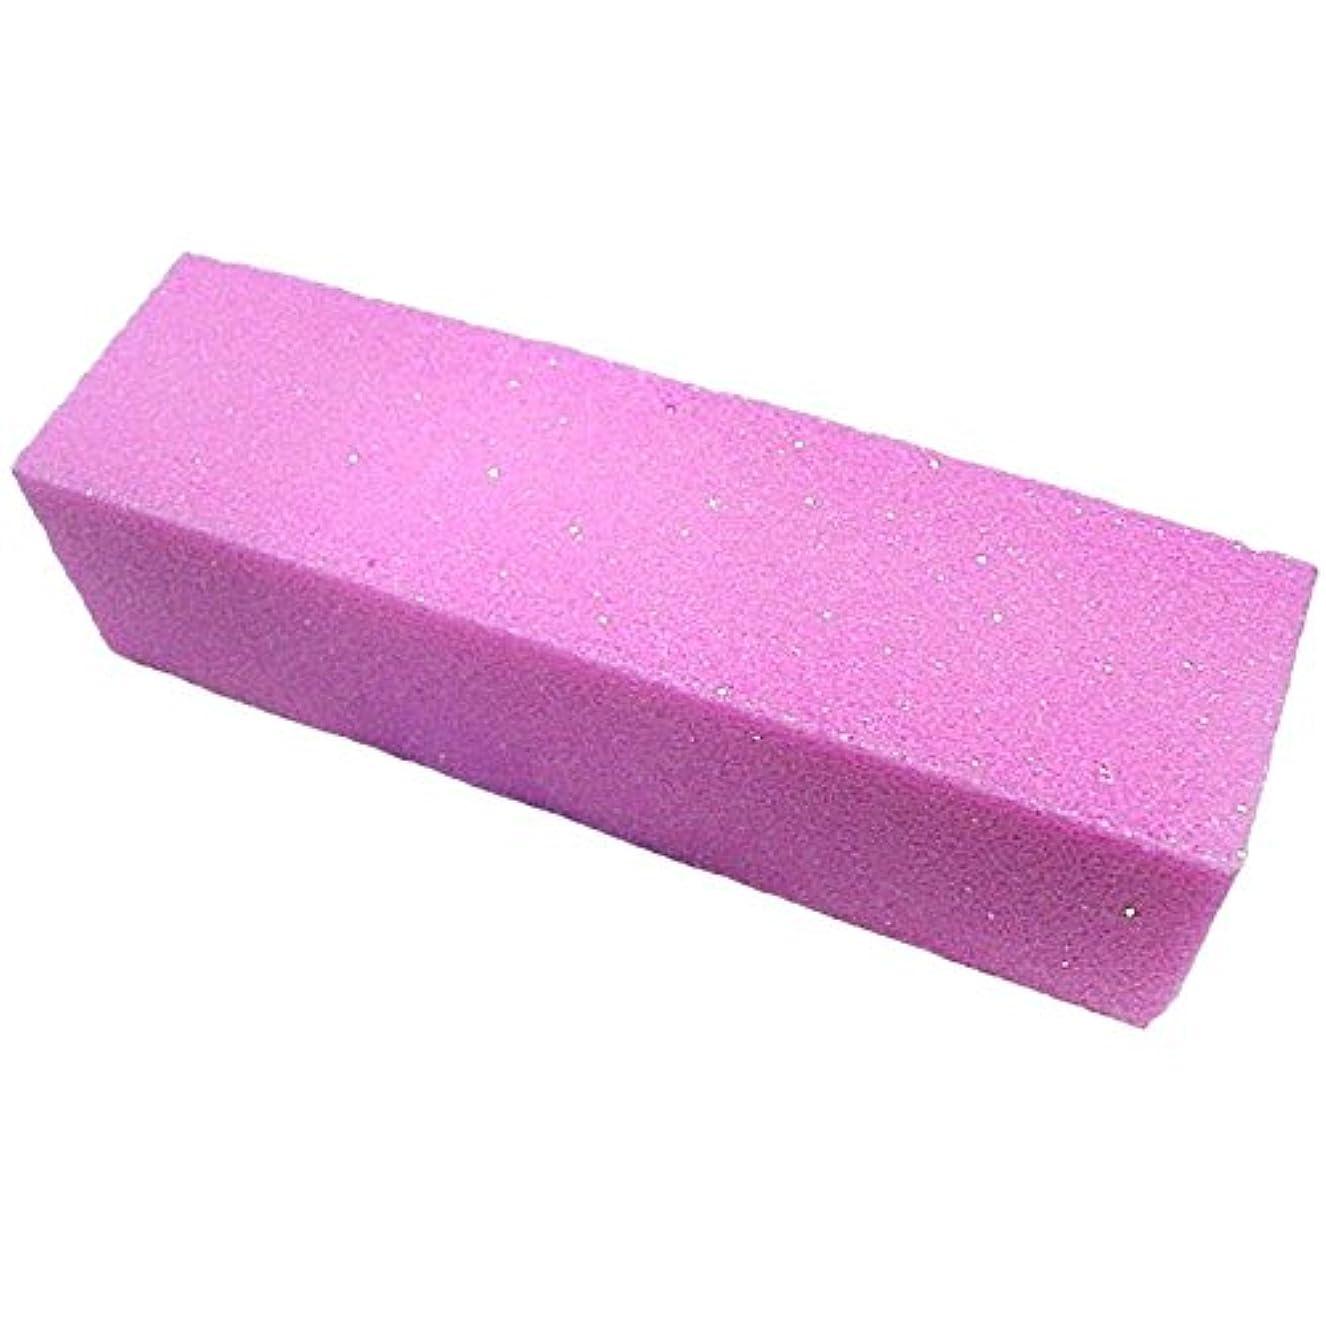 飽和する大罰するRETYLY 10xピンク色のバッファバフサンディングブロックファイル マニキュアペディキュア ネイルアートの為